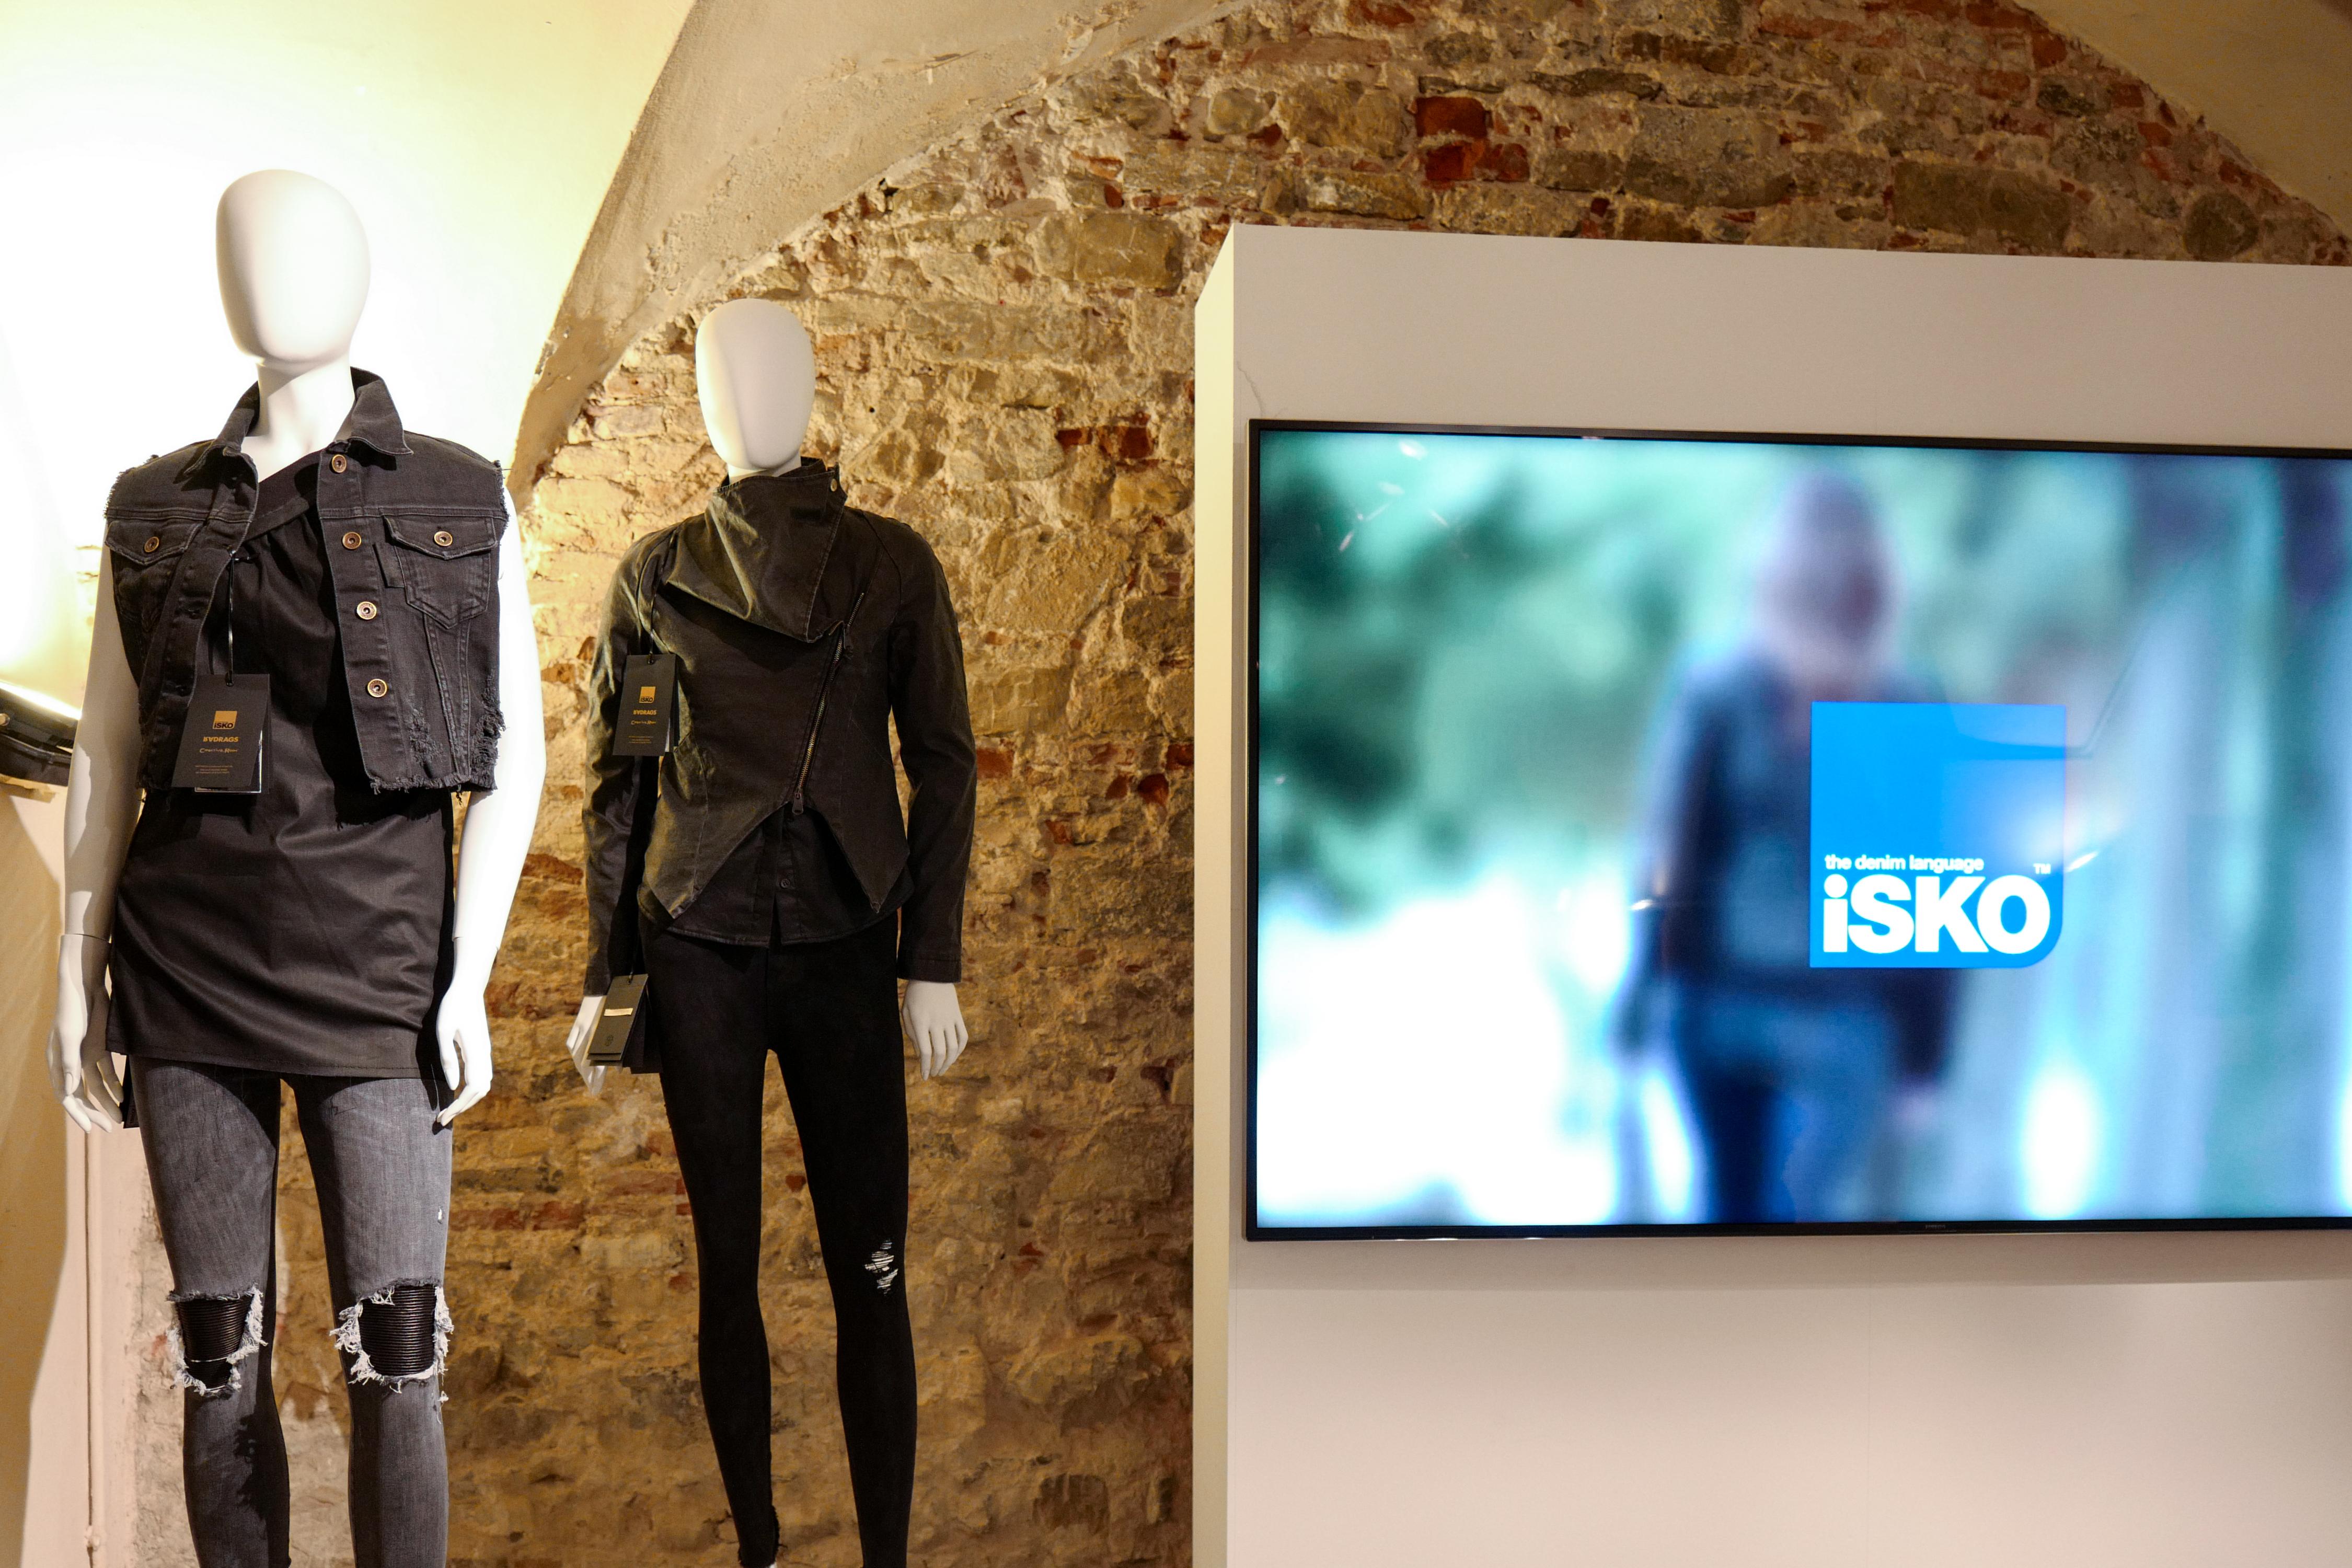 Menabò, agenzia di comunicazione a Forlì per ISKO™ a Pitti Immagine Uomo - Evento